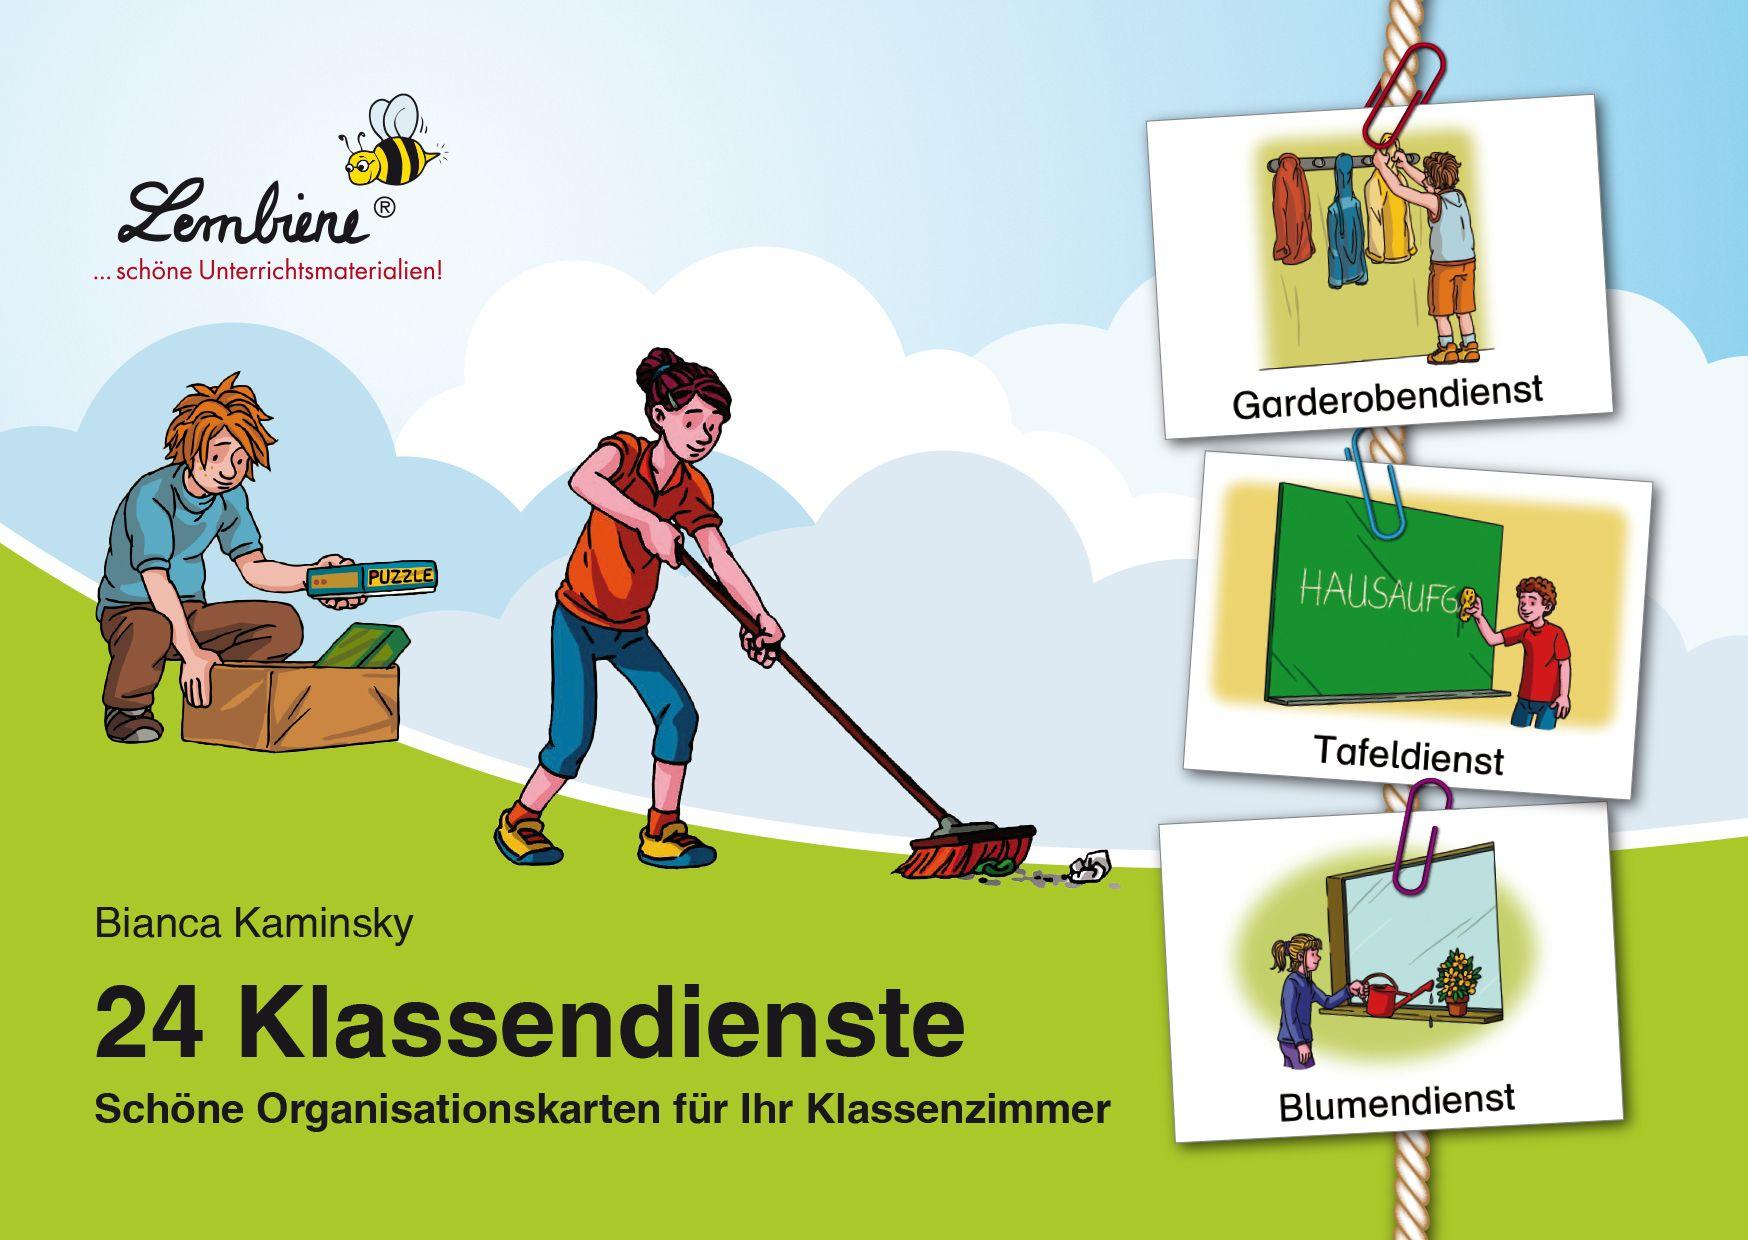 Pin Von Iris Busch-Zinn Auf Schule Orga (Mit Bildern bestimmt für Klassendienste Kopiervorlage